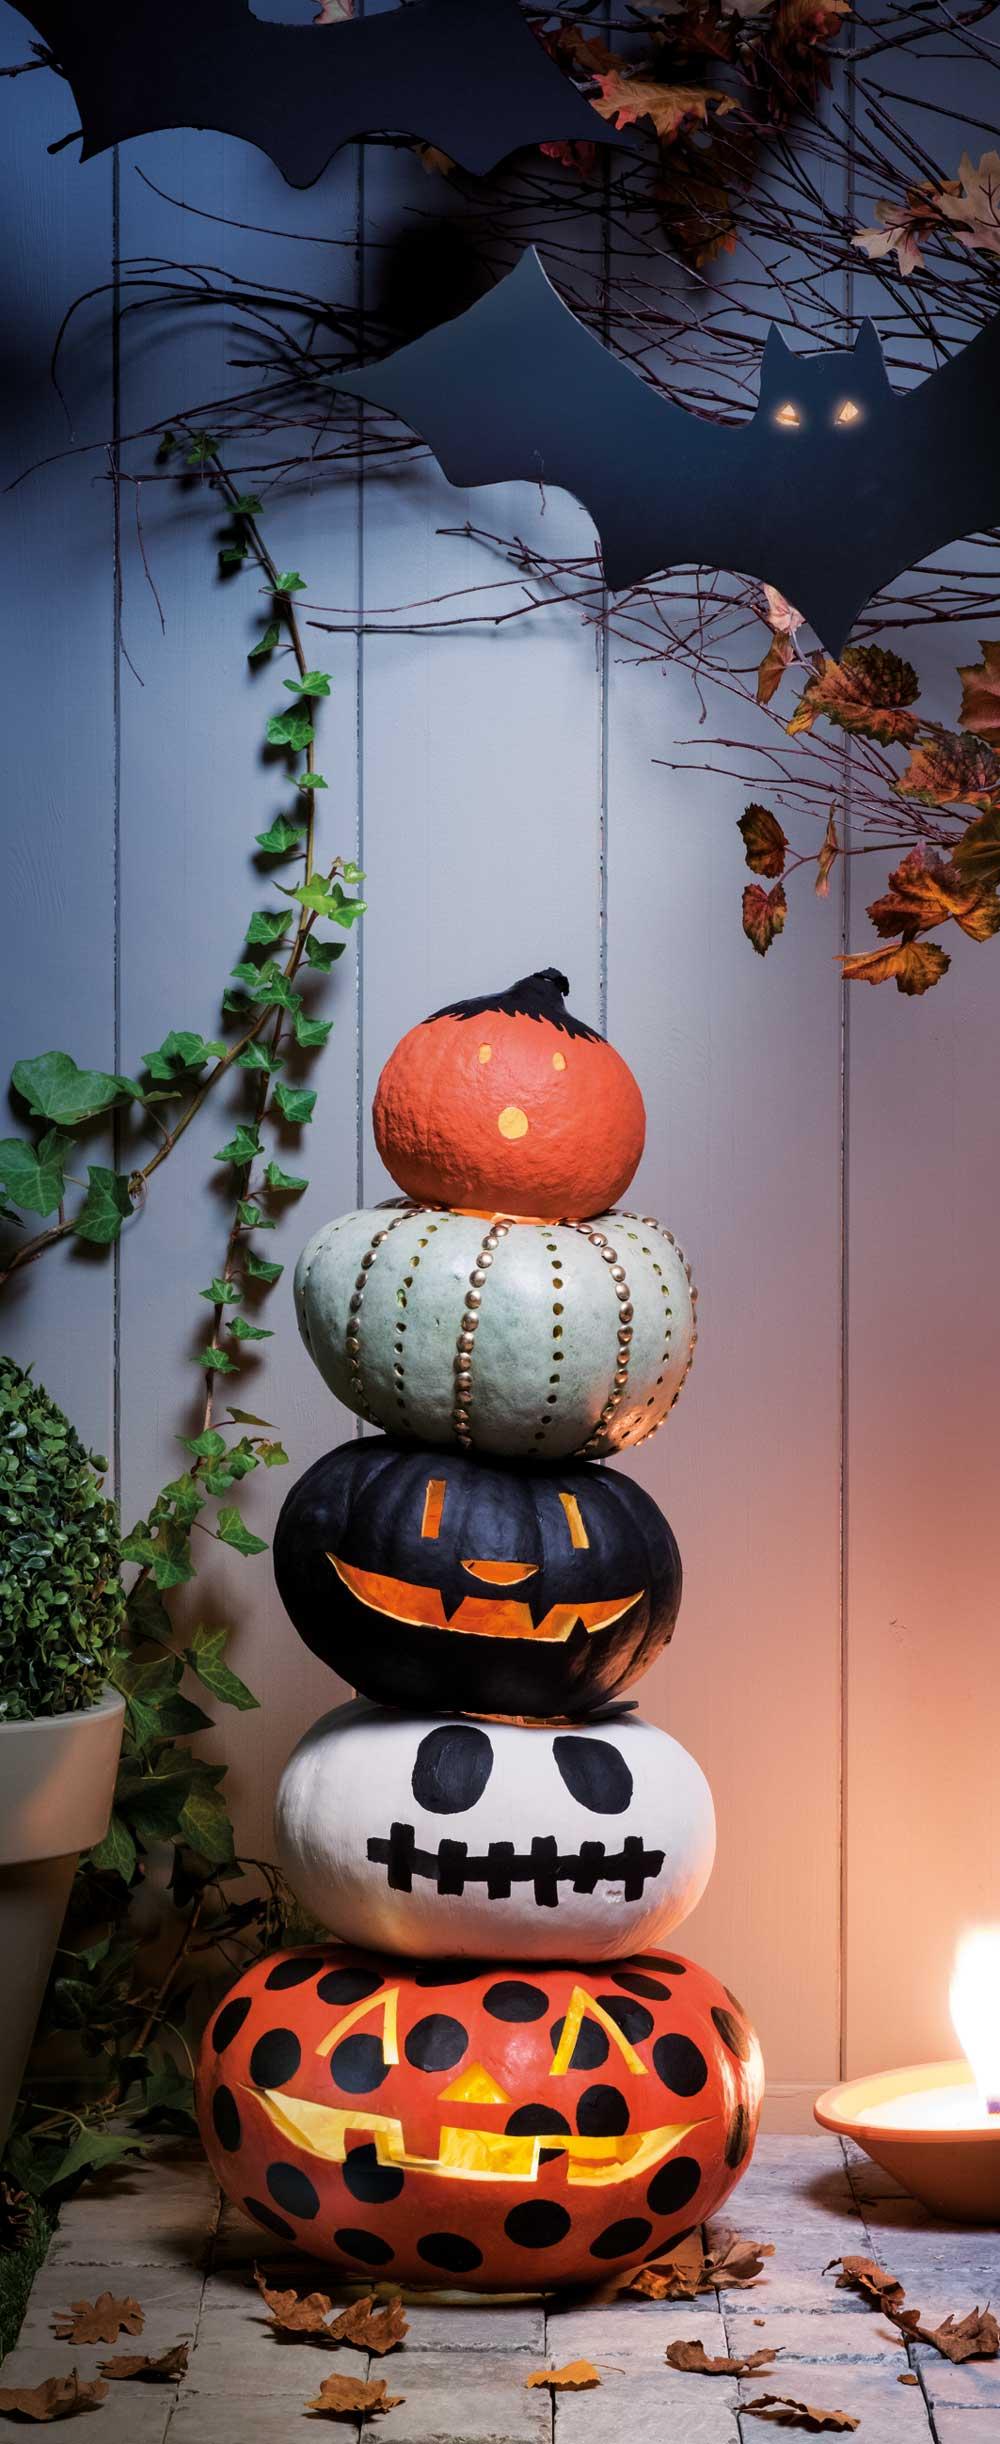 Pompoen En Halloween.Een Pompoen Schilderen Voor Halloween Brico